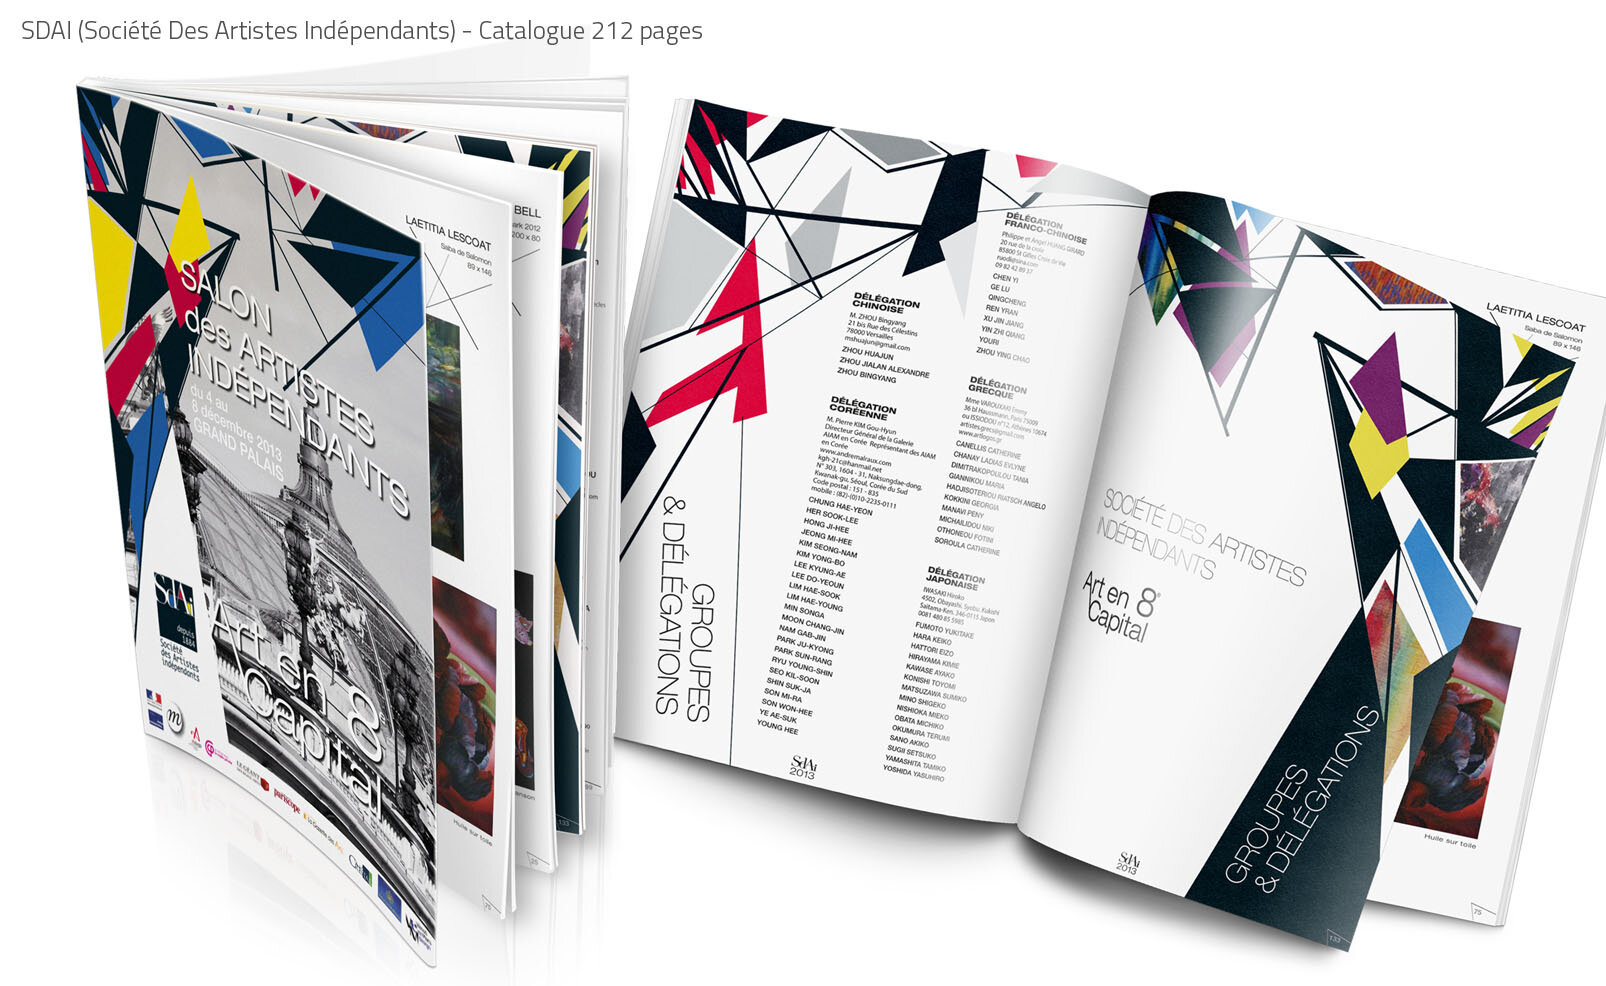 SDAI CAT COUV ET PAGES.jpg